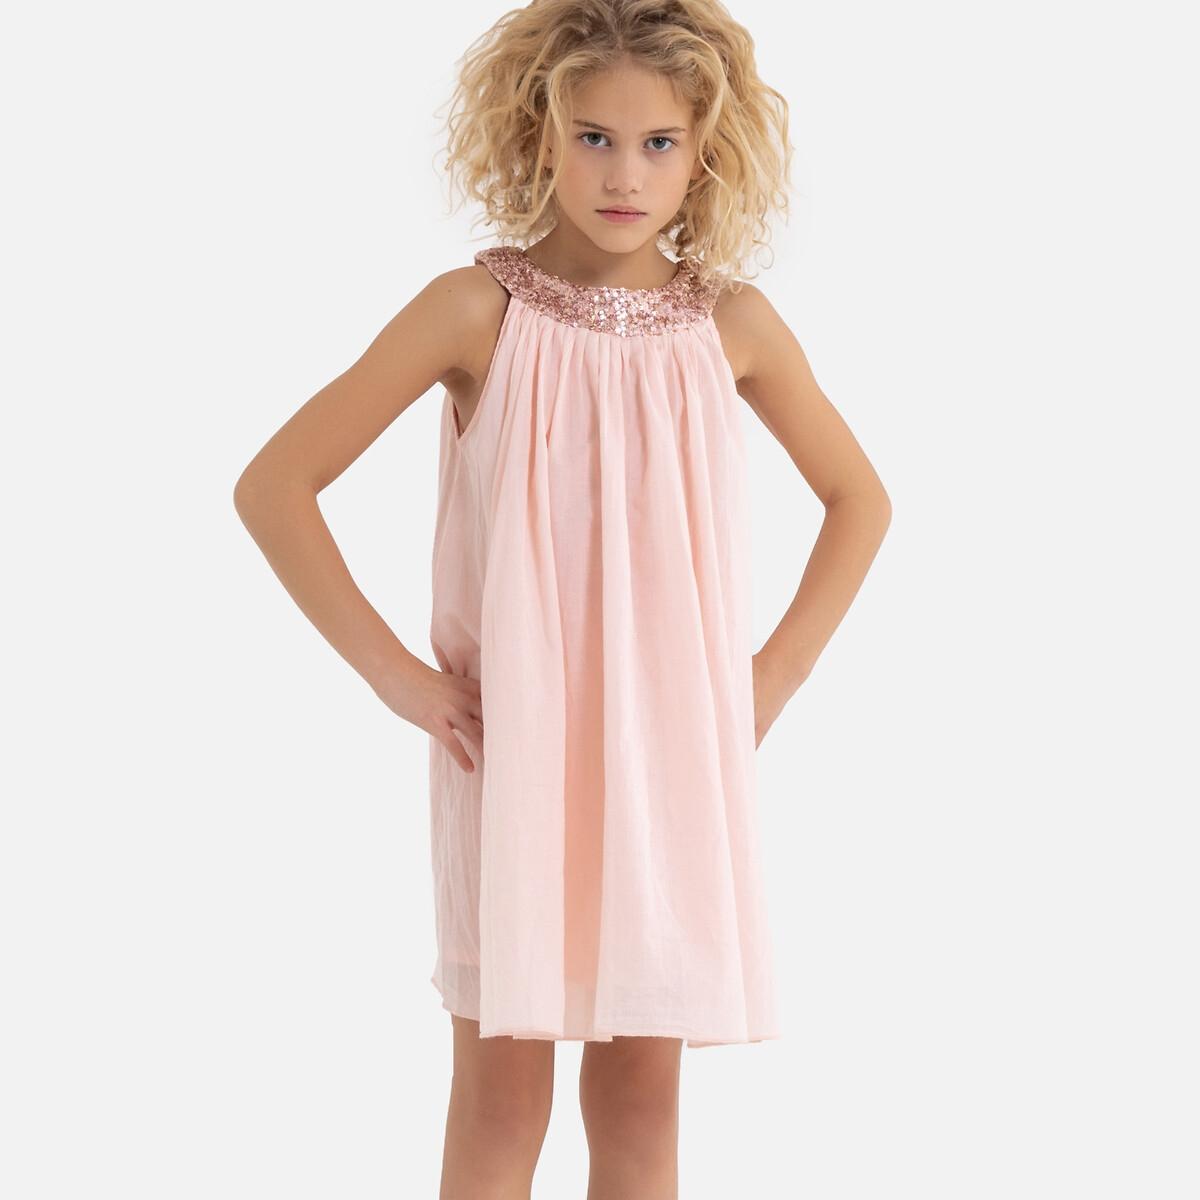 Платье La Redoute С блестками на вырезе 3-12 лет 10 лет - 138 см розовый